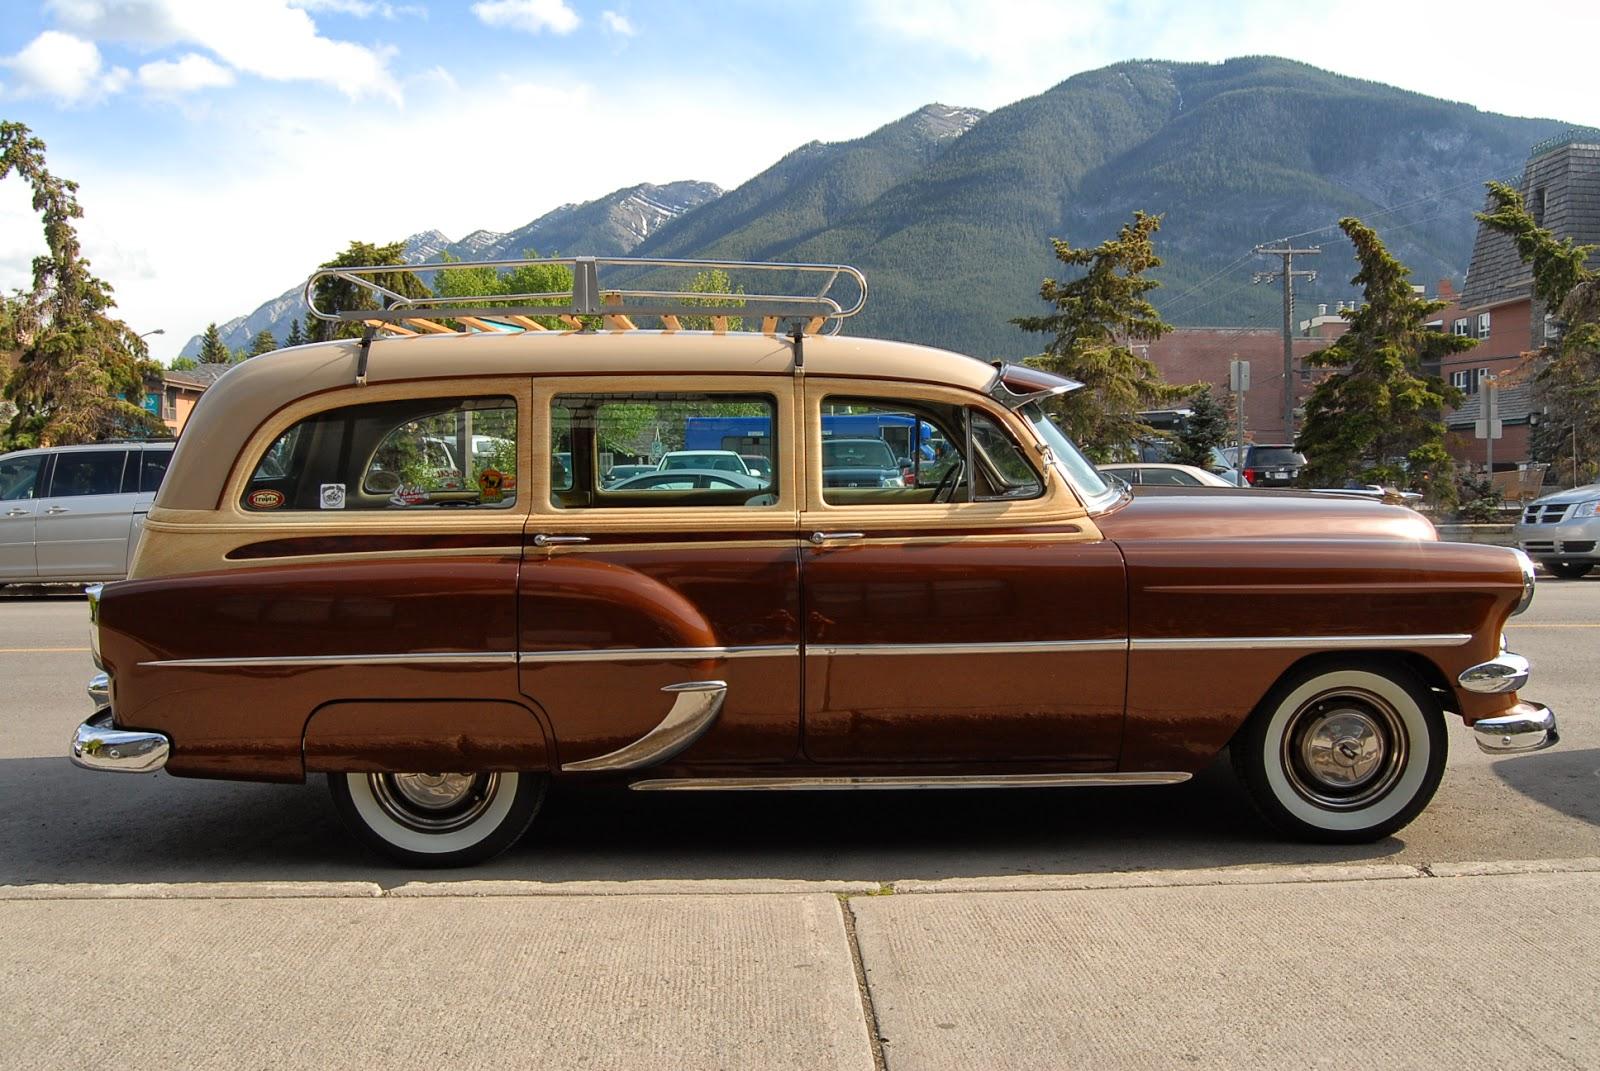 Chevrolet chevrolet station wagon : autoliterate: 1954 Chevrolet station wagon, Banff